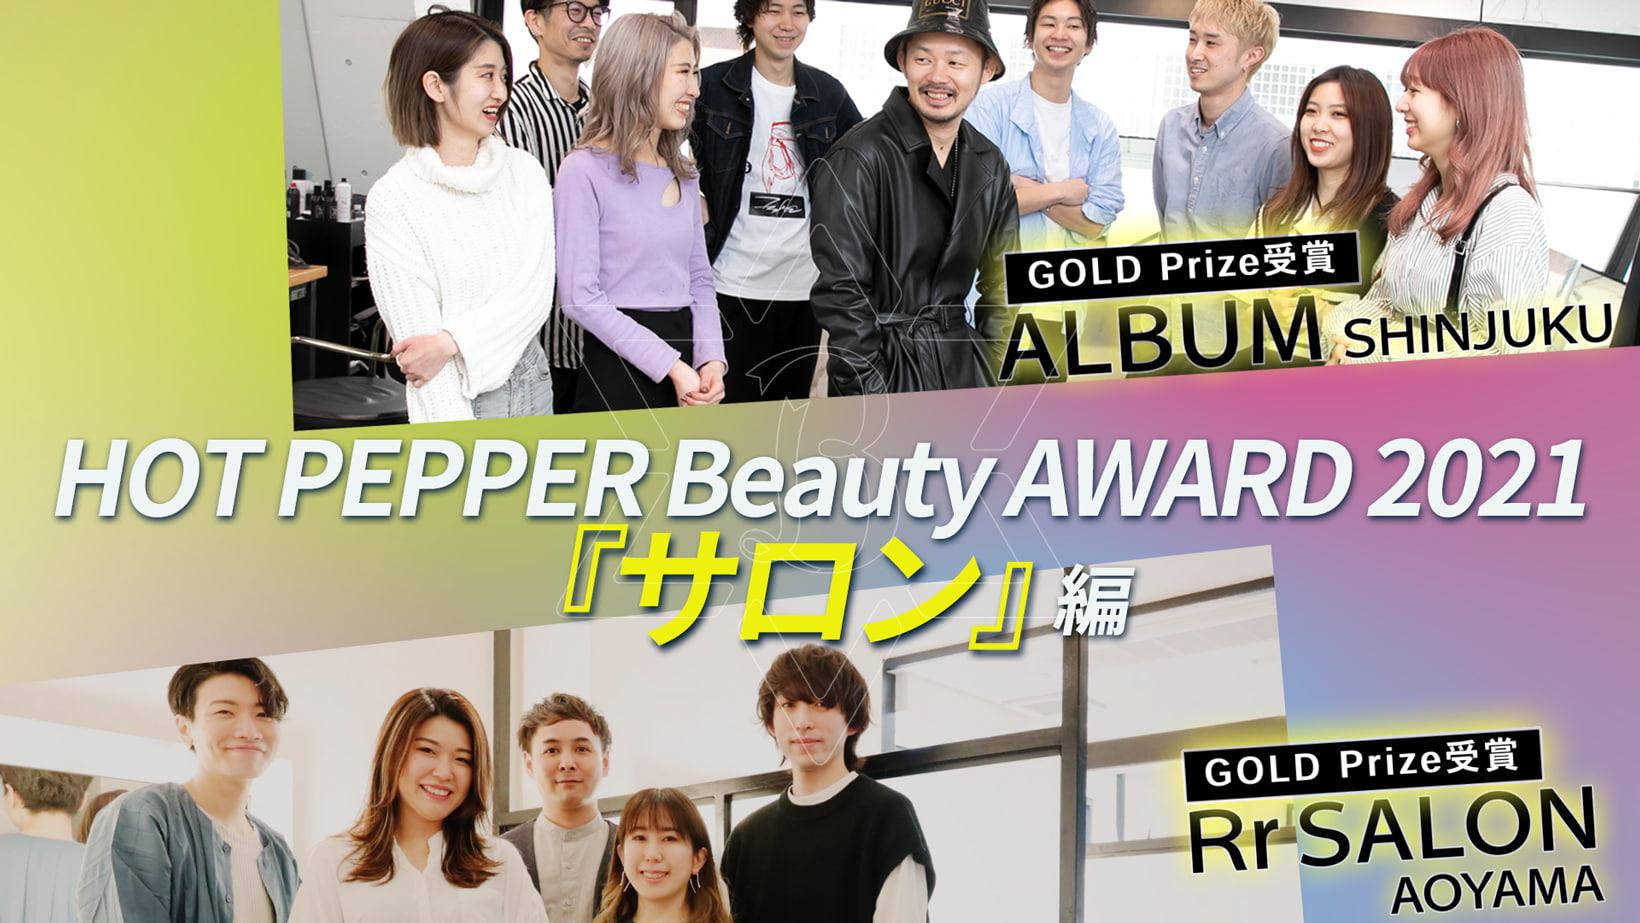 サロン編/HOT PEPPER Beauty AWARD 2021